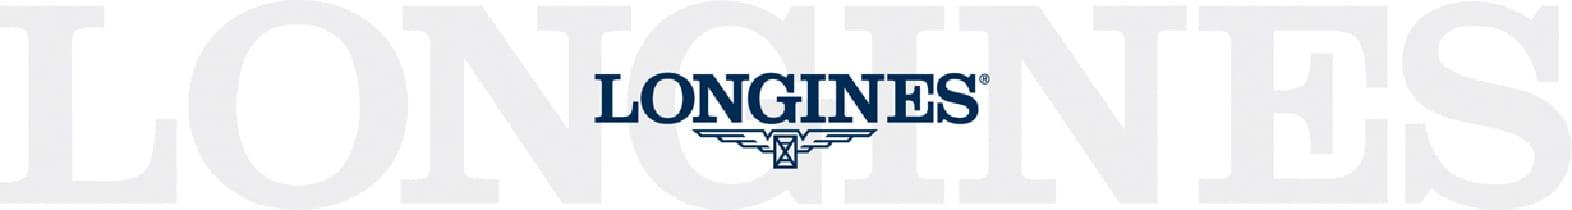 logo longines | Gioielleria Caruso